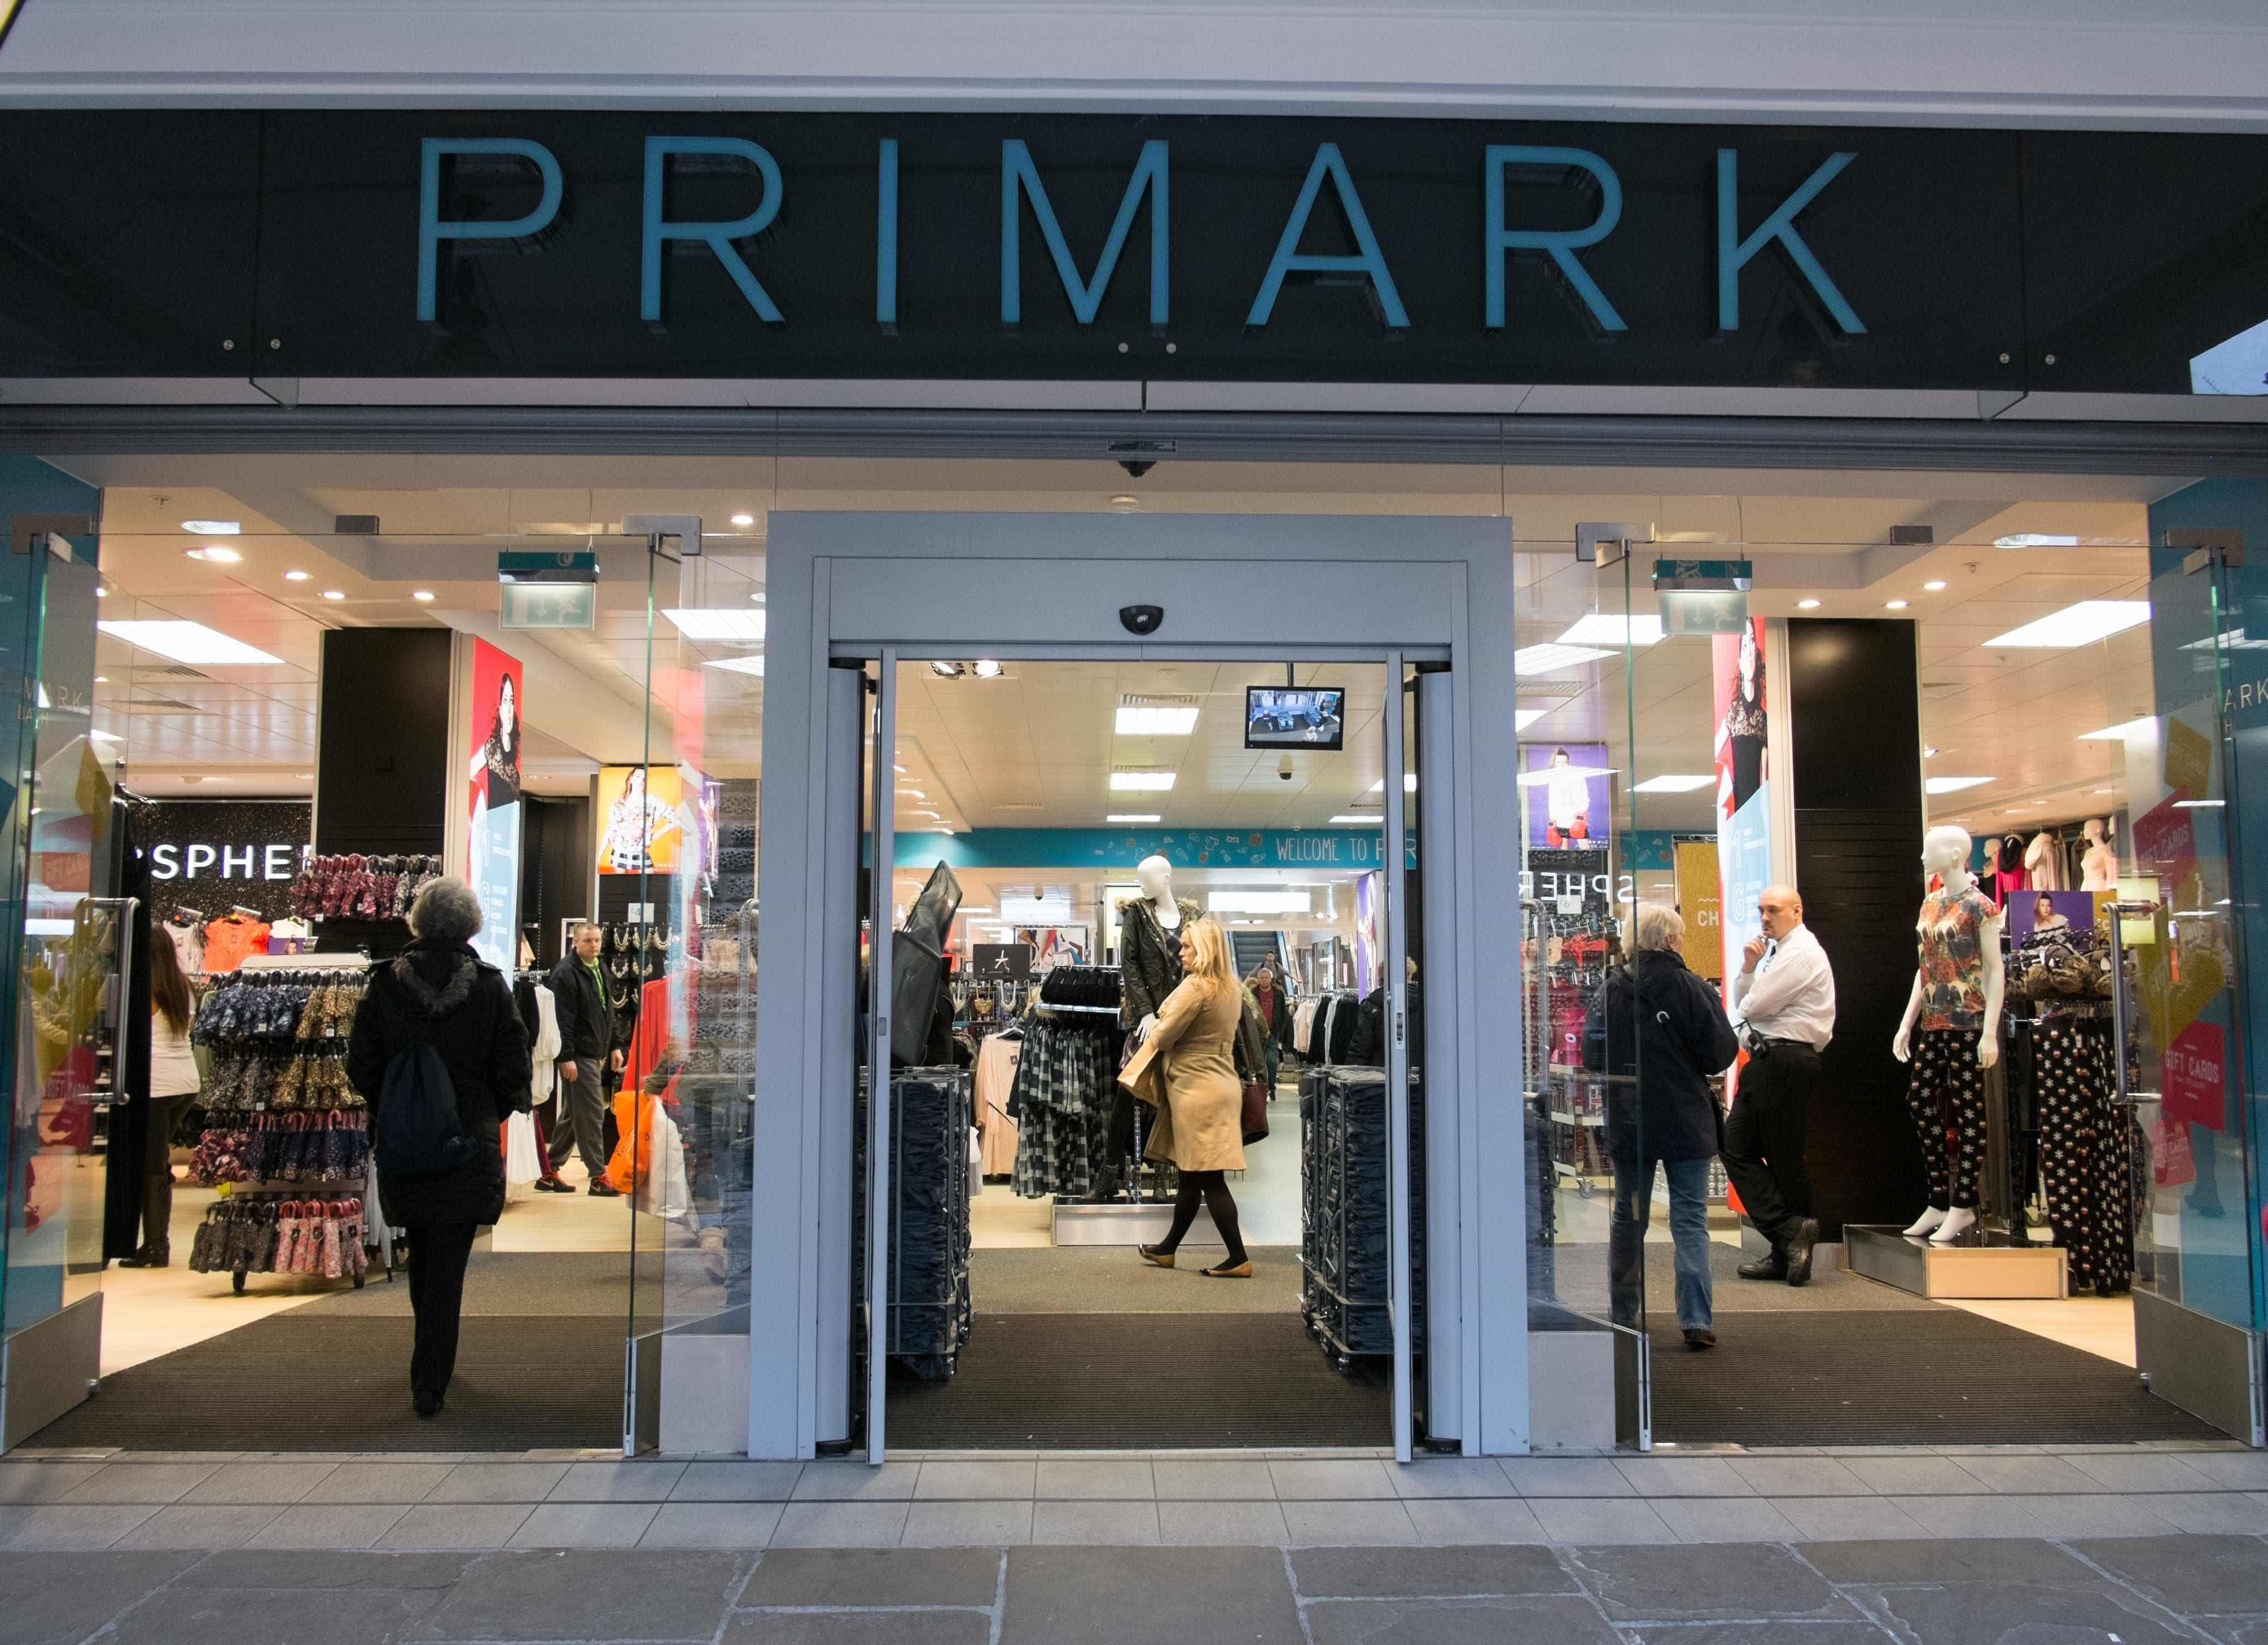 Maior Primark do mundo vai abrir no Reino Unido e traz café da Disney